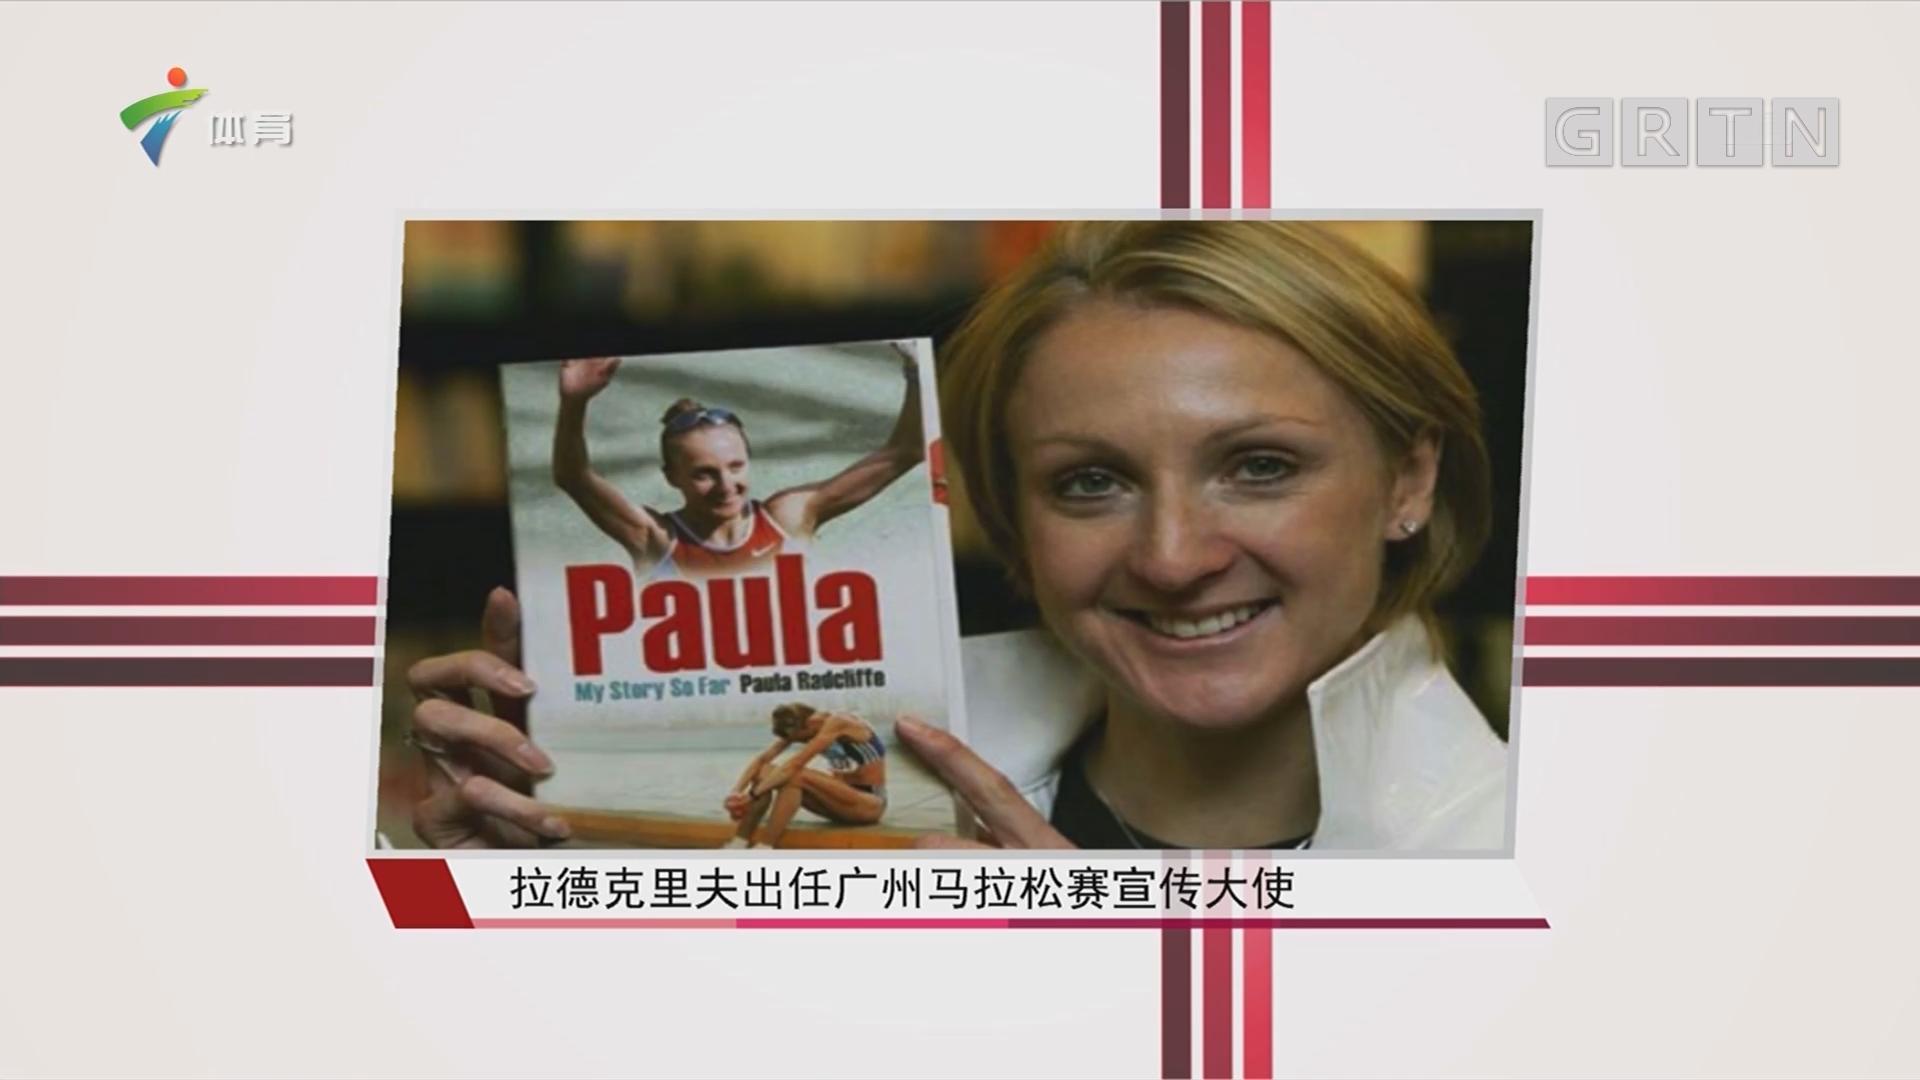 拉德克里夫出任广州马拉松赛宣传大使